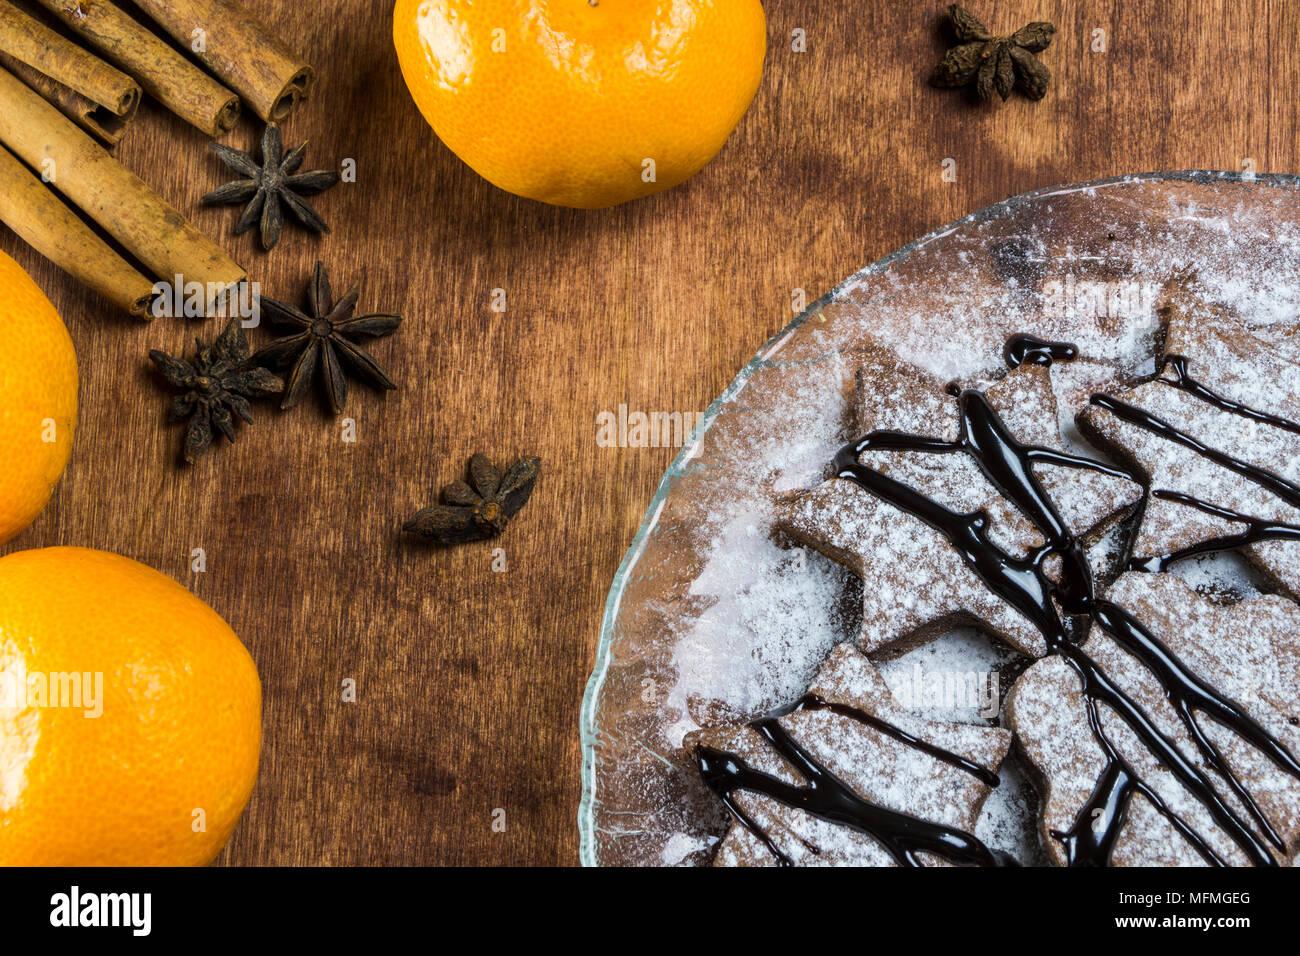 Ingwer Kekse mit Schokolade auf einem hölzernen Hintergrund, Mandarine, Zimt Stockbild